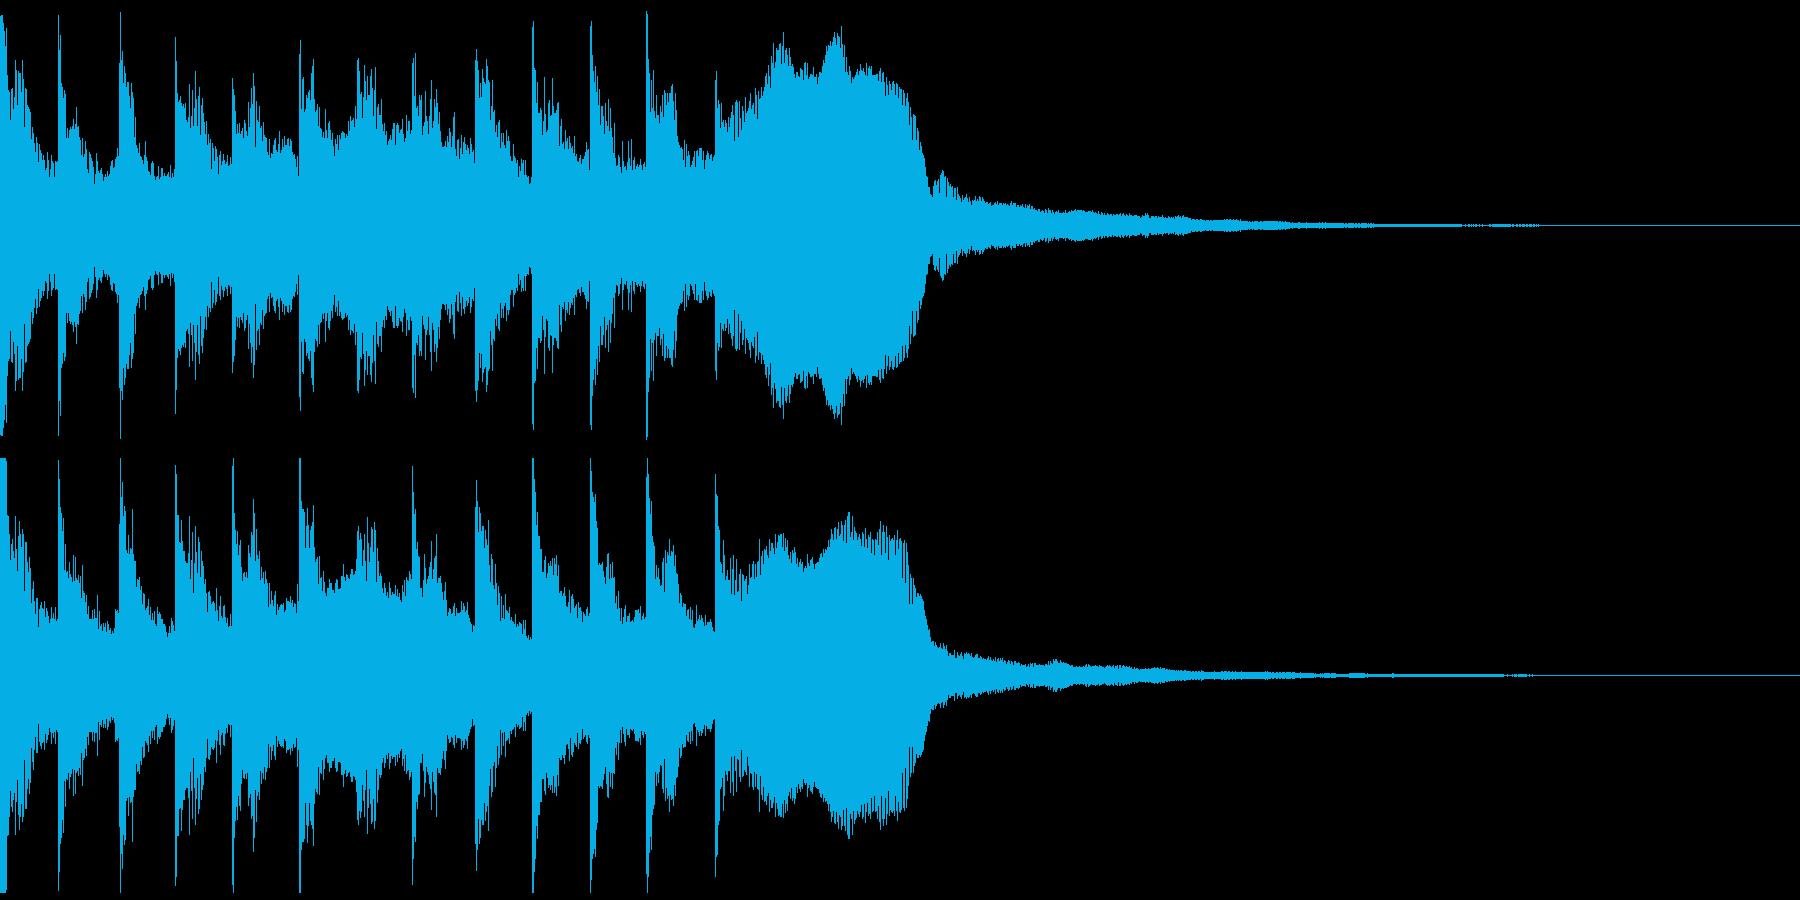 サウンドロゴ、ゴージャス感、verDの再生済みの波形